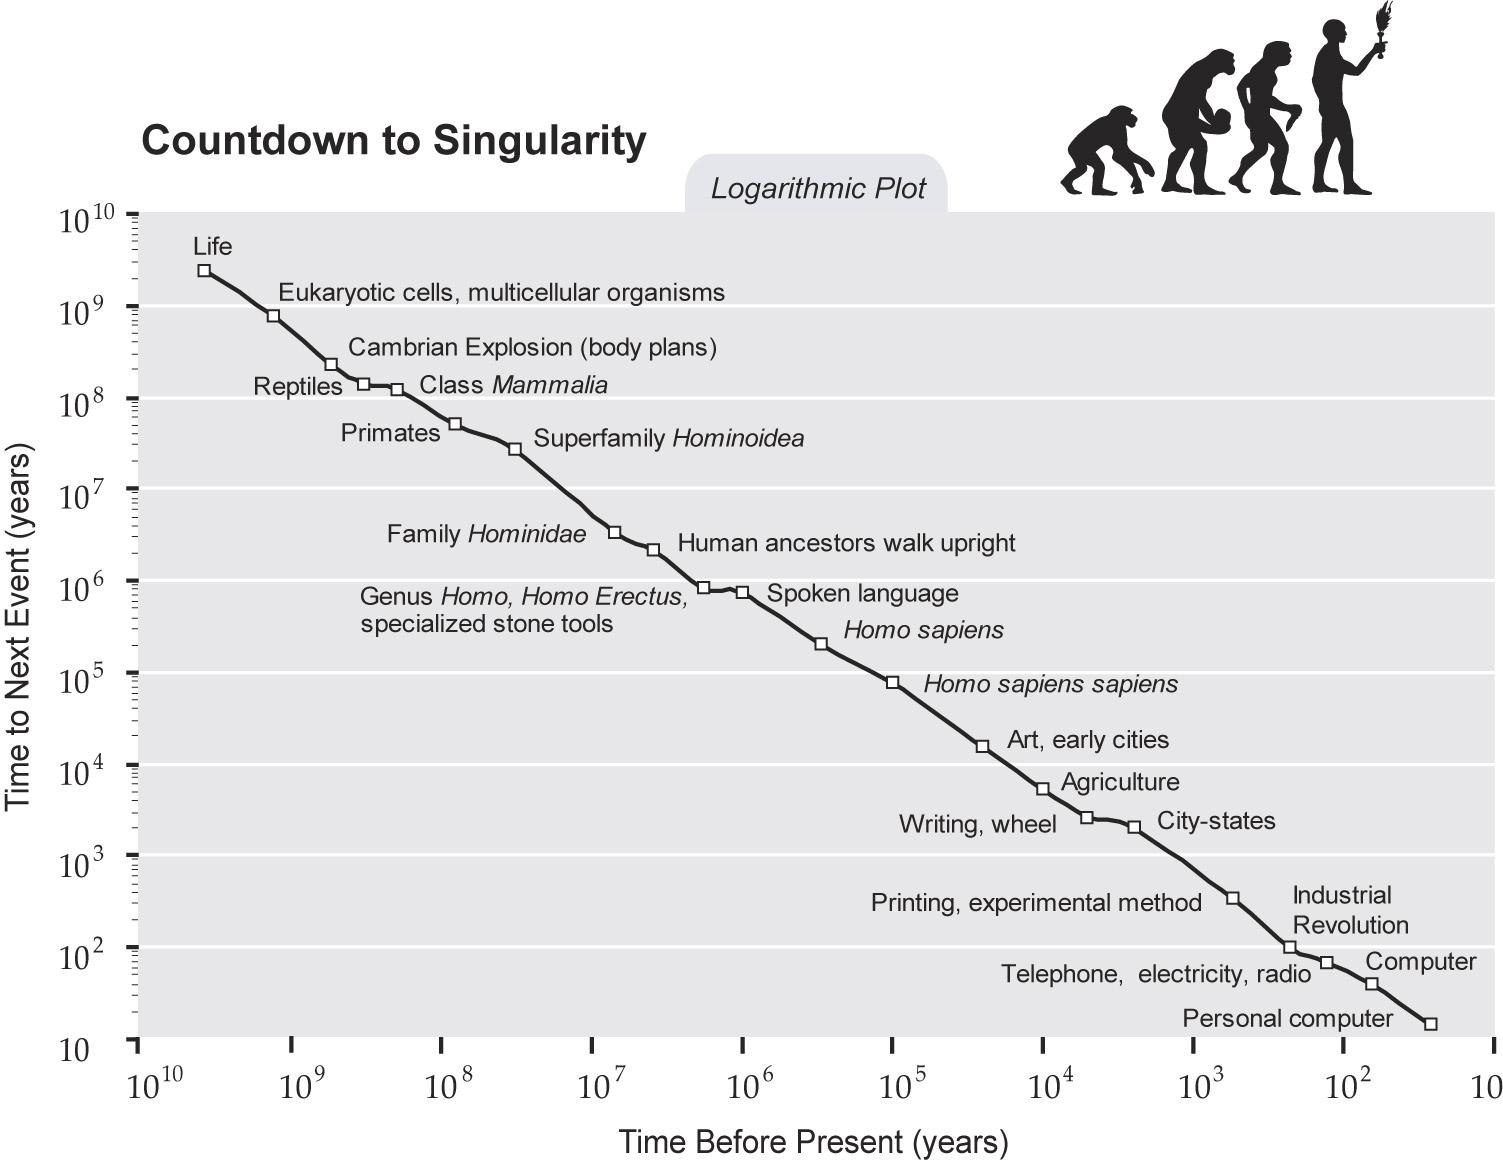 Der Weg zur Singularität nach Ray Kurzweil   Ereignishorizont ...